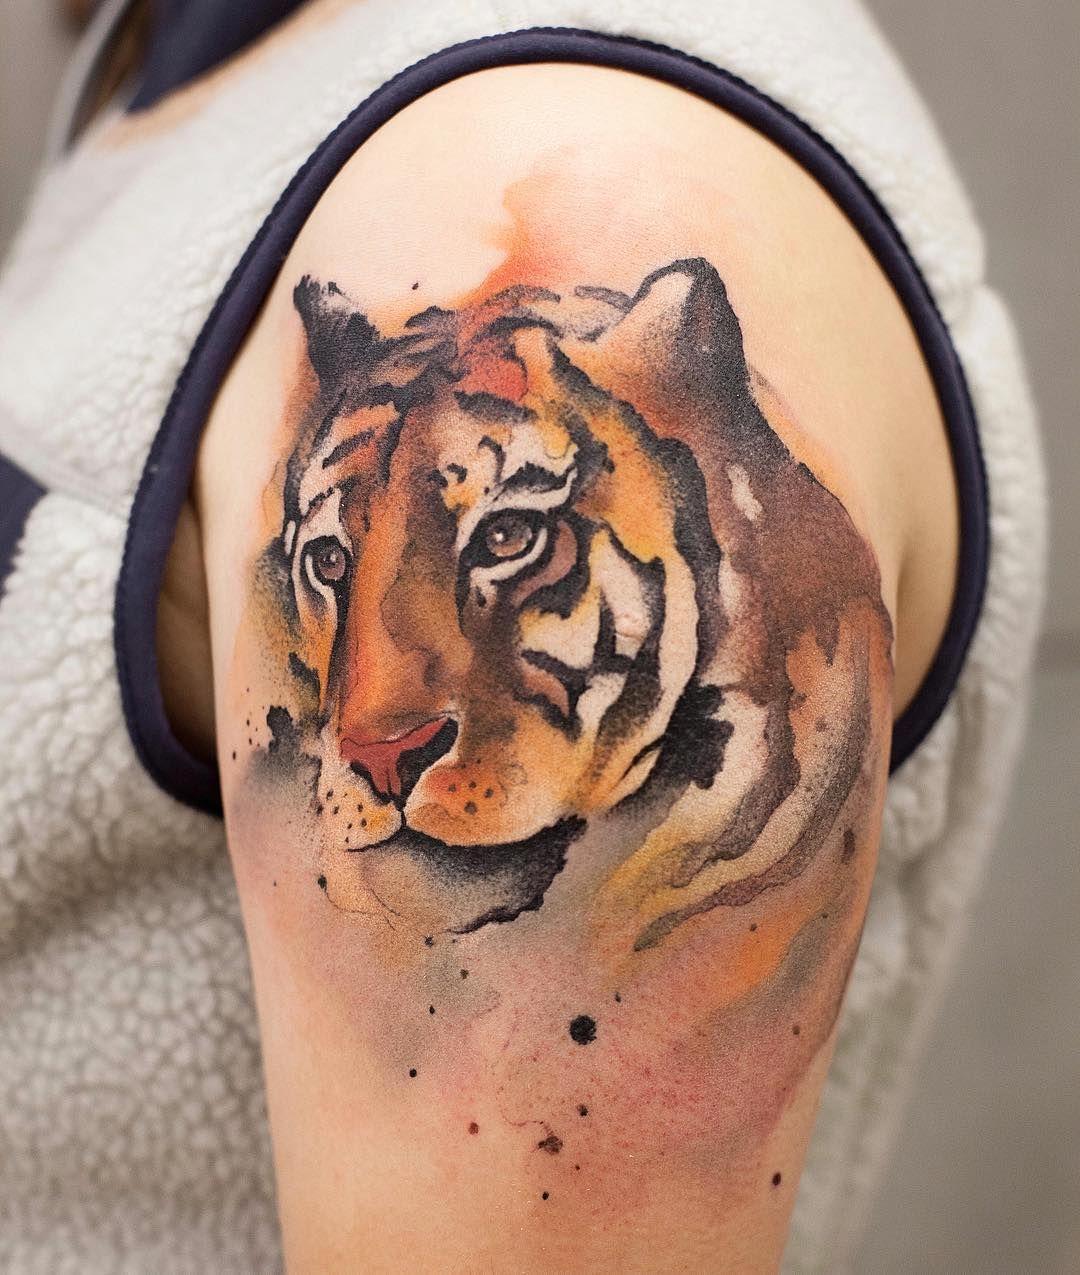 50 Stunning Tiger Head Tattoo Design Ideas 2019 Tiger Tattoo